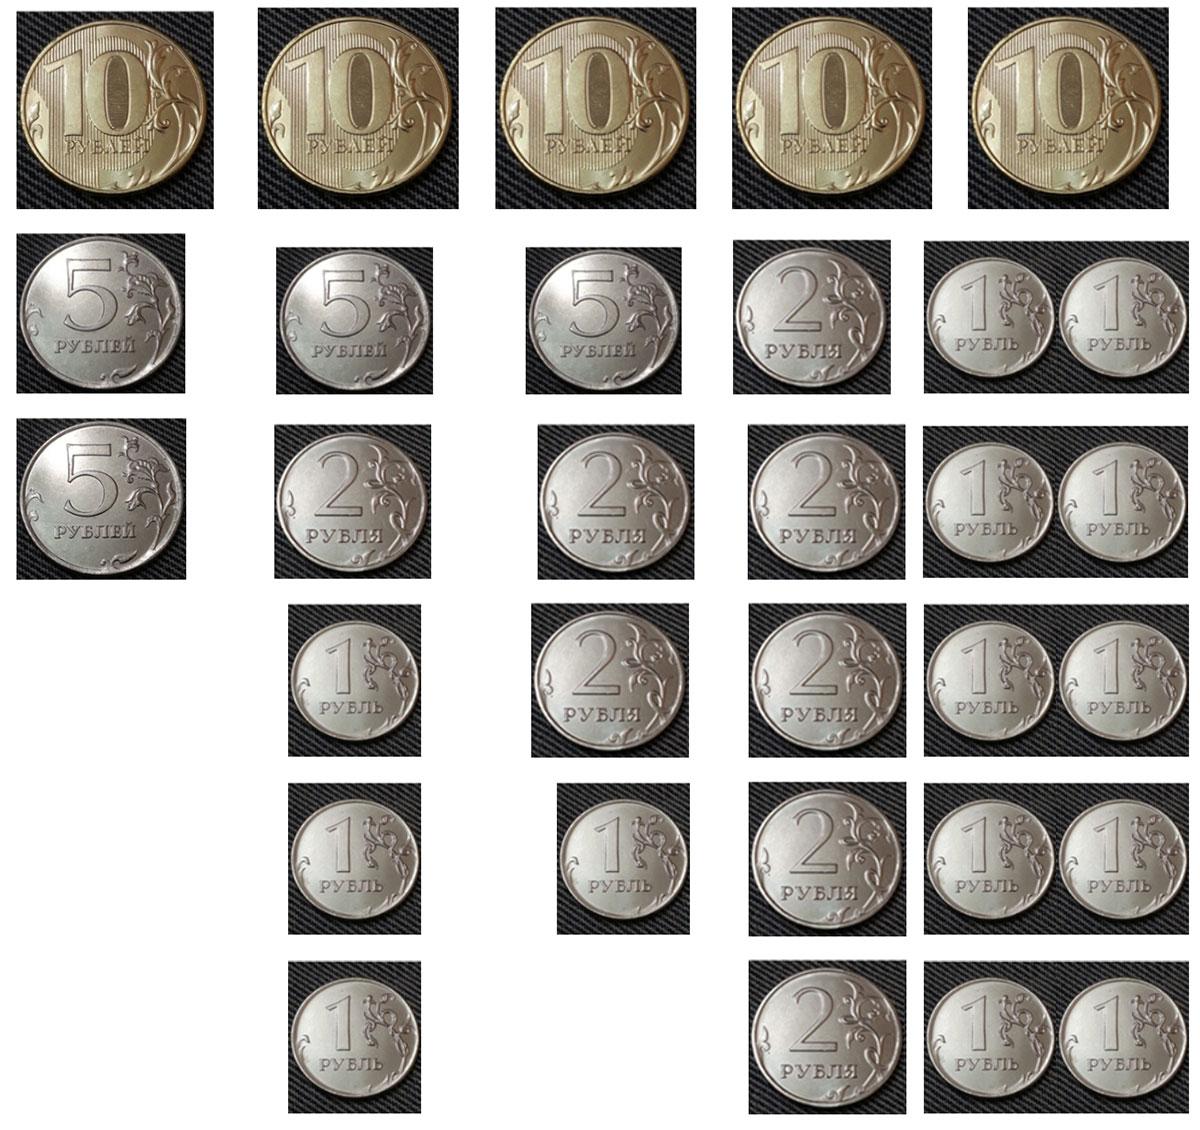 Использование ДТТ и метода обучения «цепочка в обратной последовательности» для формирования навыка обращения с денежными монетами для совершения покупок у младшего школьника с РАС